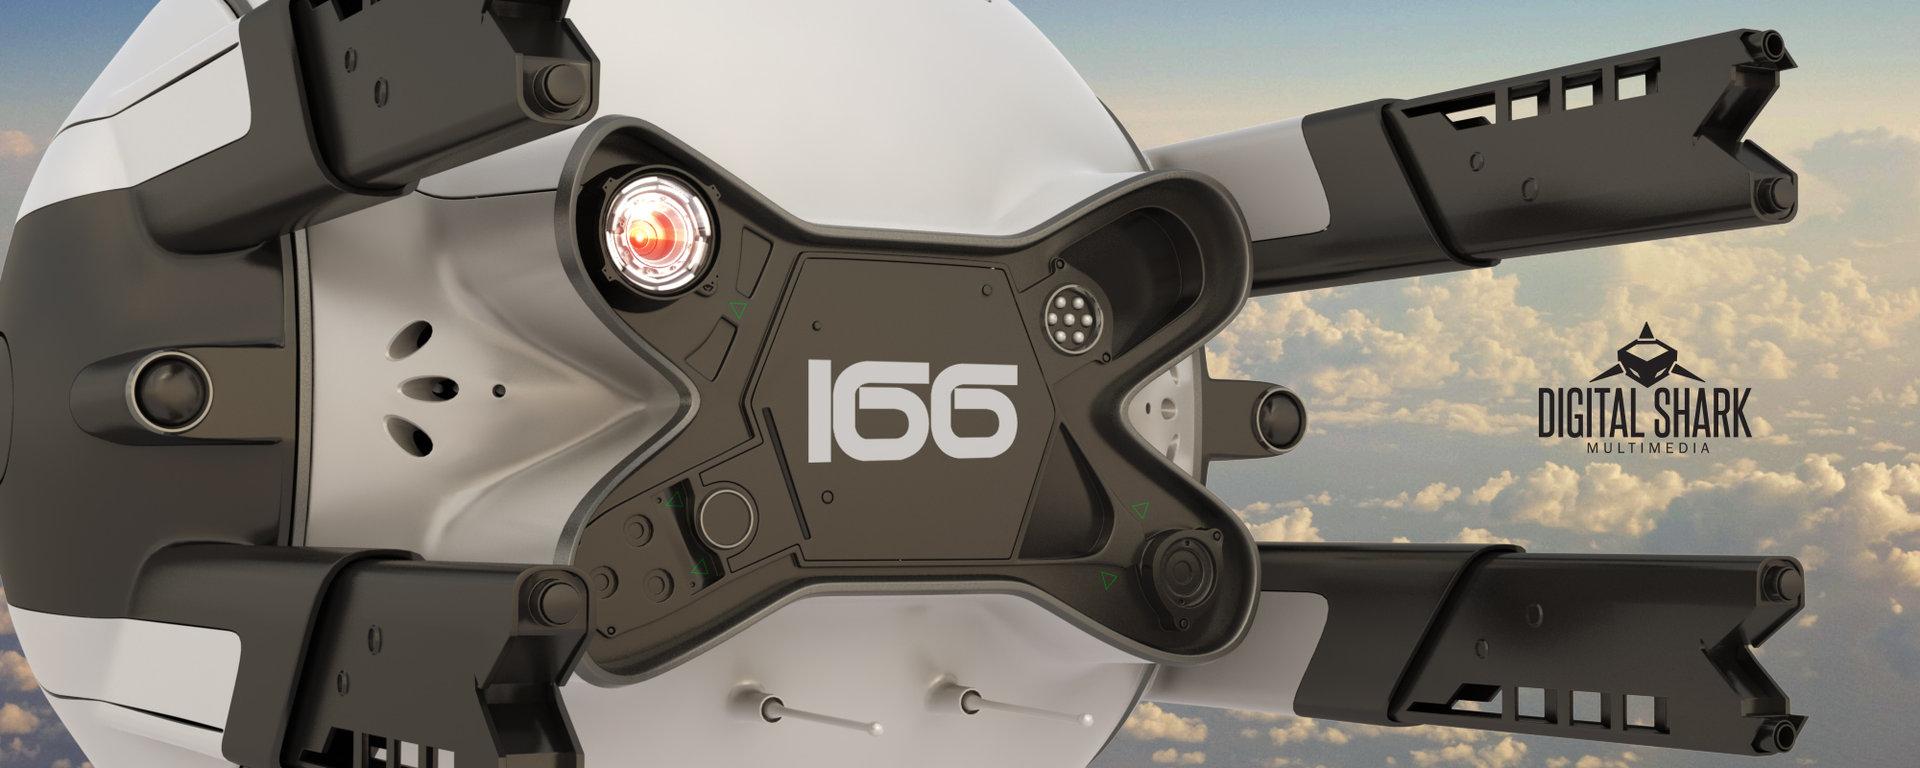 gennaro-esposito-droneoblivionbannerdef